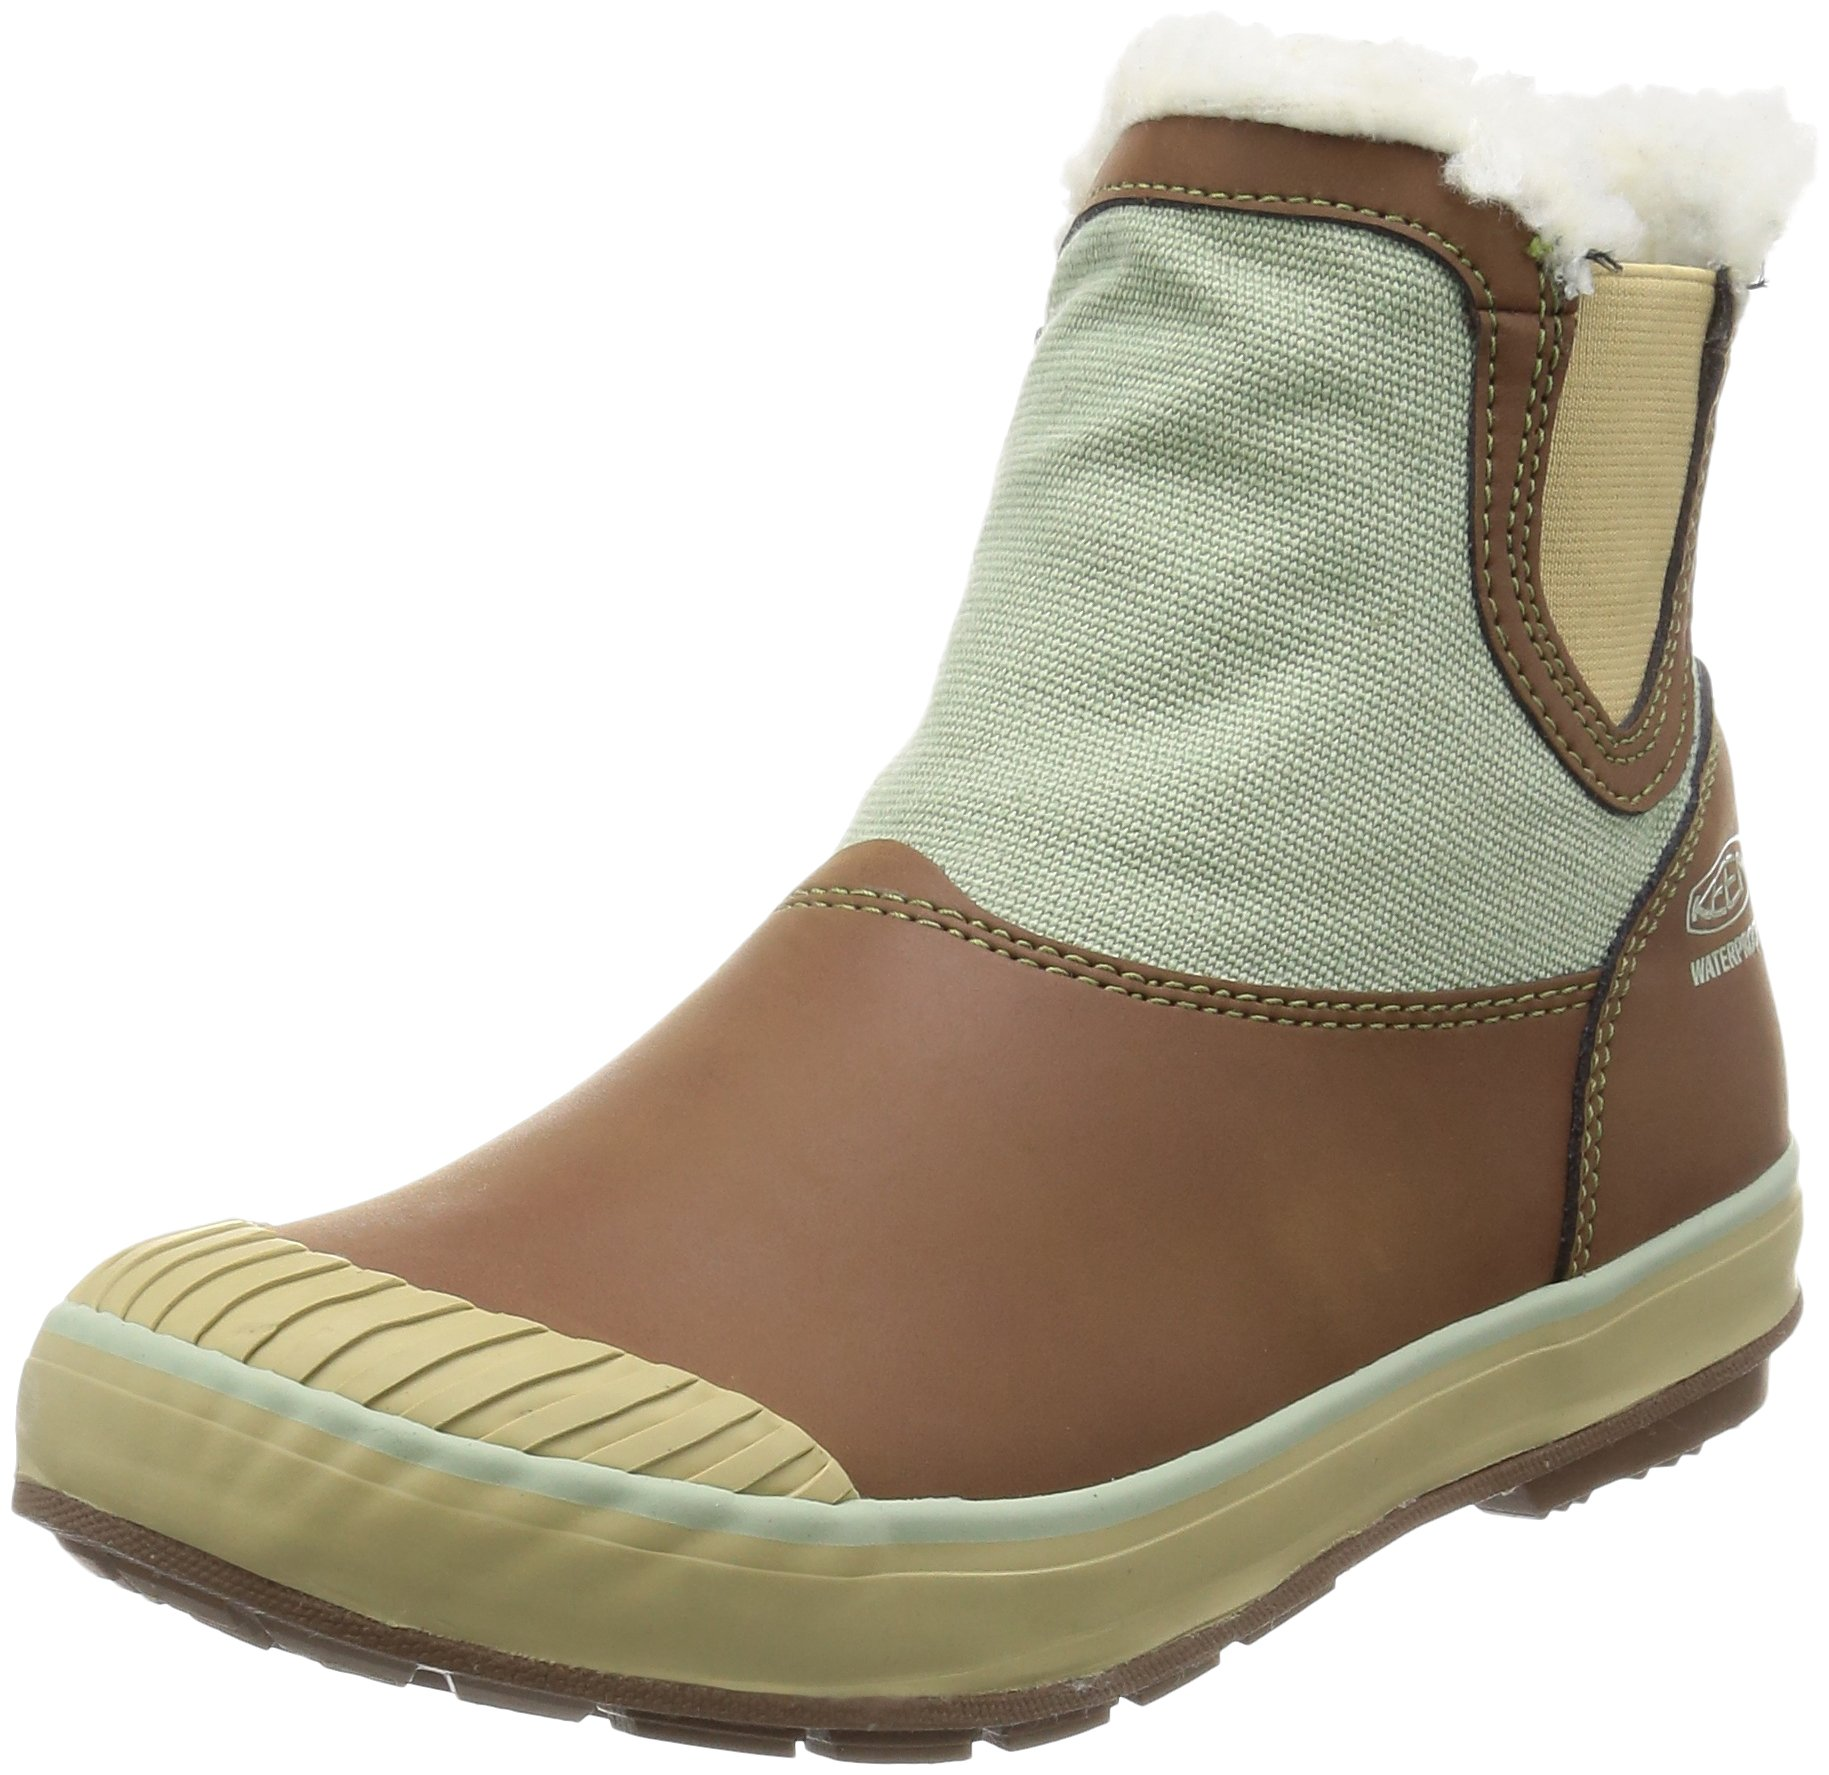 KEEN Women's Elsa Chelsea Waterproof Boot, Cocoa/Desert Sage, 6.5 M US